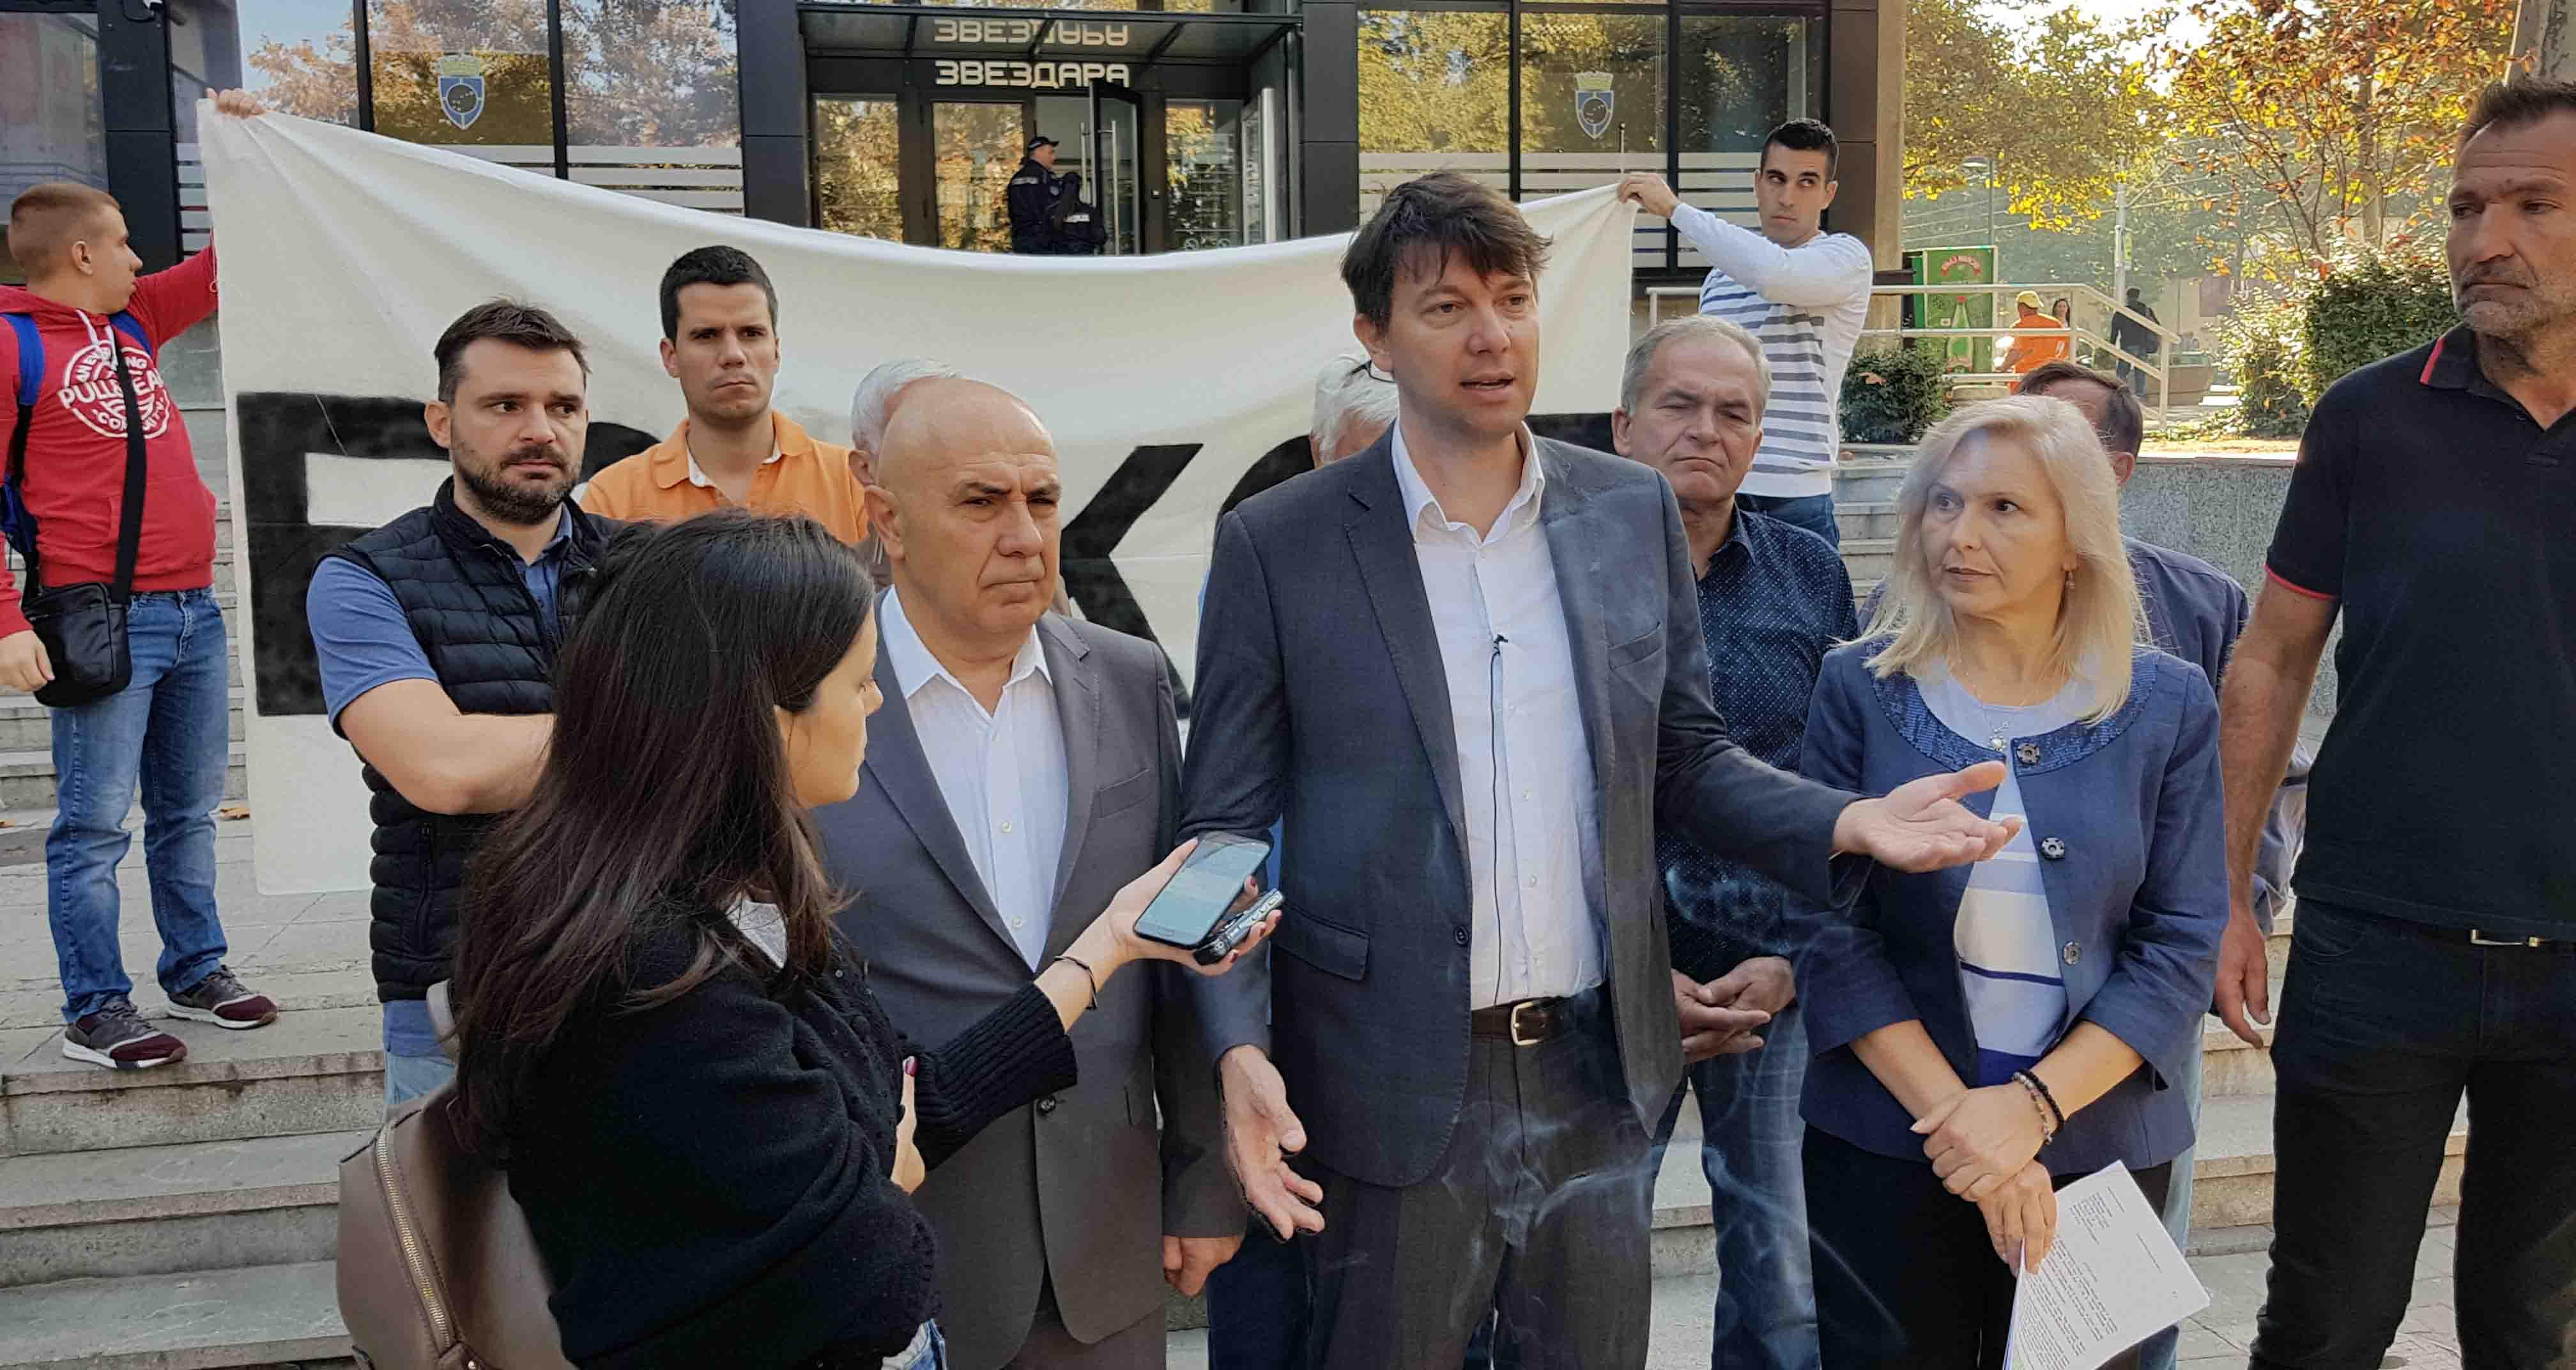 Јовановић: Град и ГСП оштећени за 2,8 милиона евра